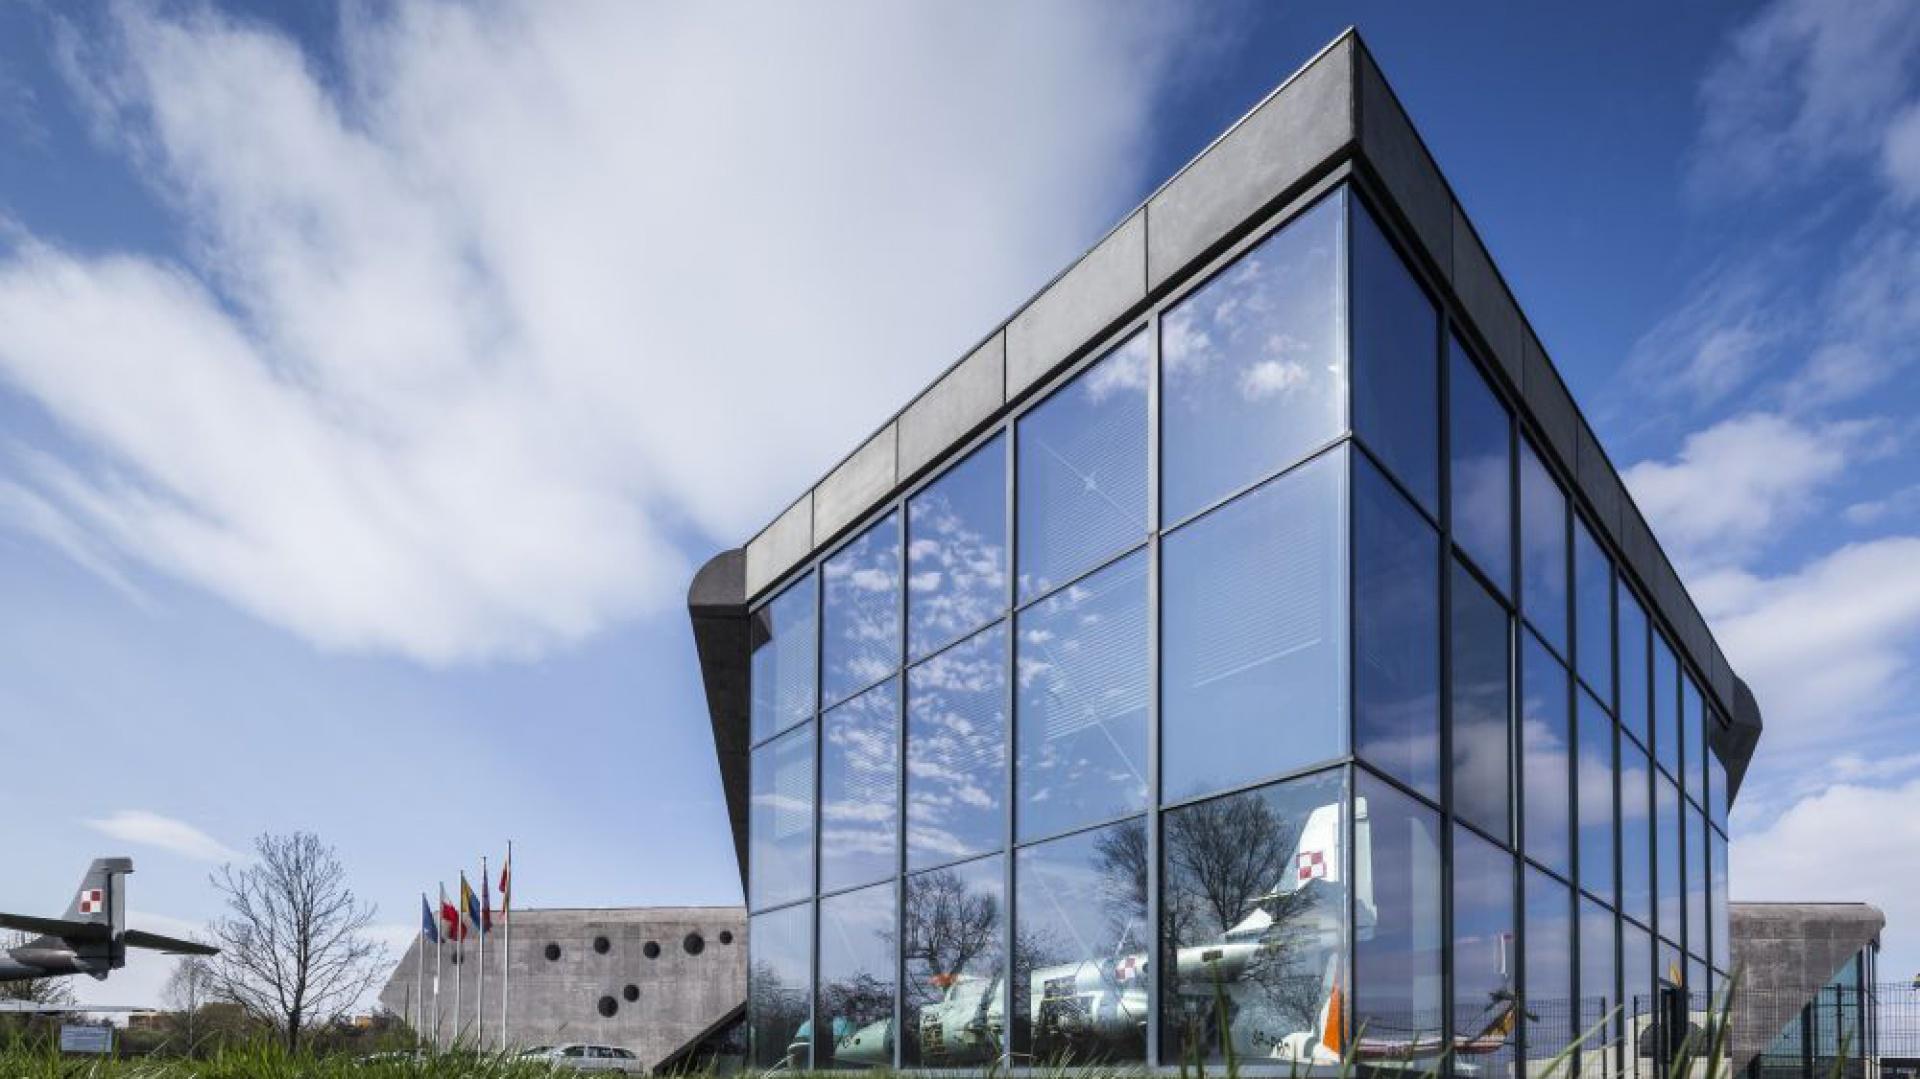 Rozwiązania dotyczące budownictwa zrównoważonego, zastosowane w obiekcie, zostały wyróżnione nagrodą główną PLGBC Green Building Awards 2010 dla najlepszego budynku zielonego w Polsce bez certyfikacji. Fot. Materiały prasowe